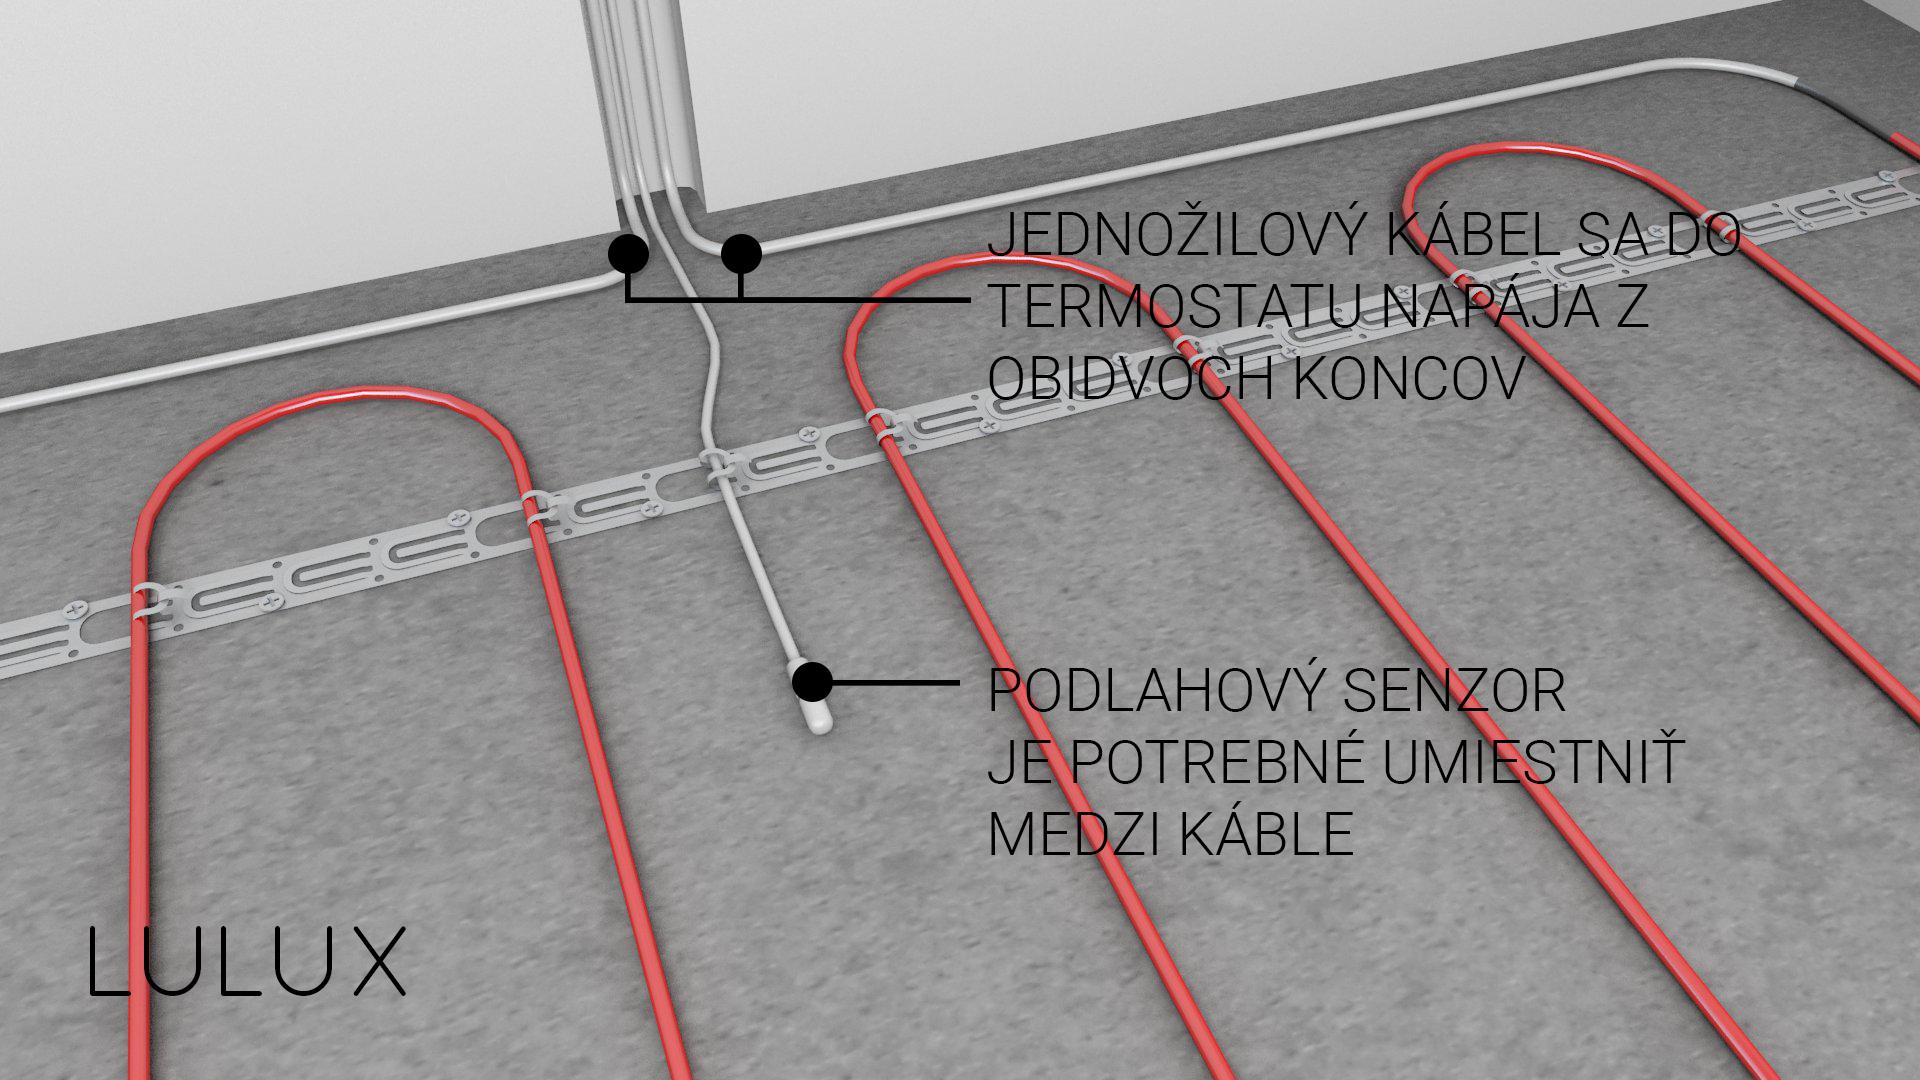 elektricke-podlahove-kurenie-podlahovy-senzor-jednozilovy-kabel